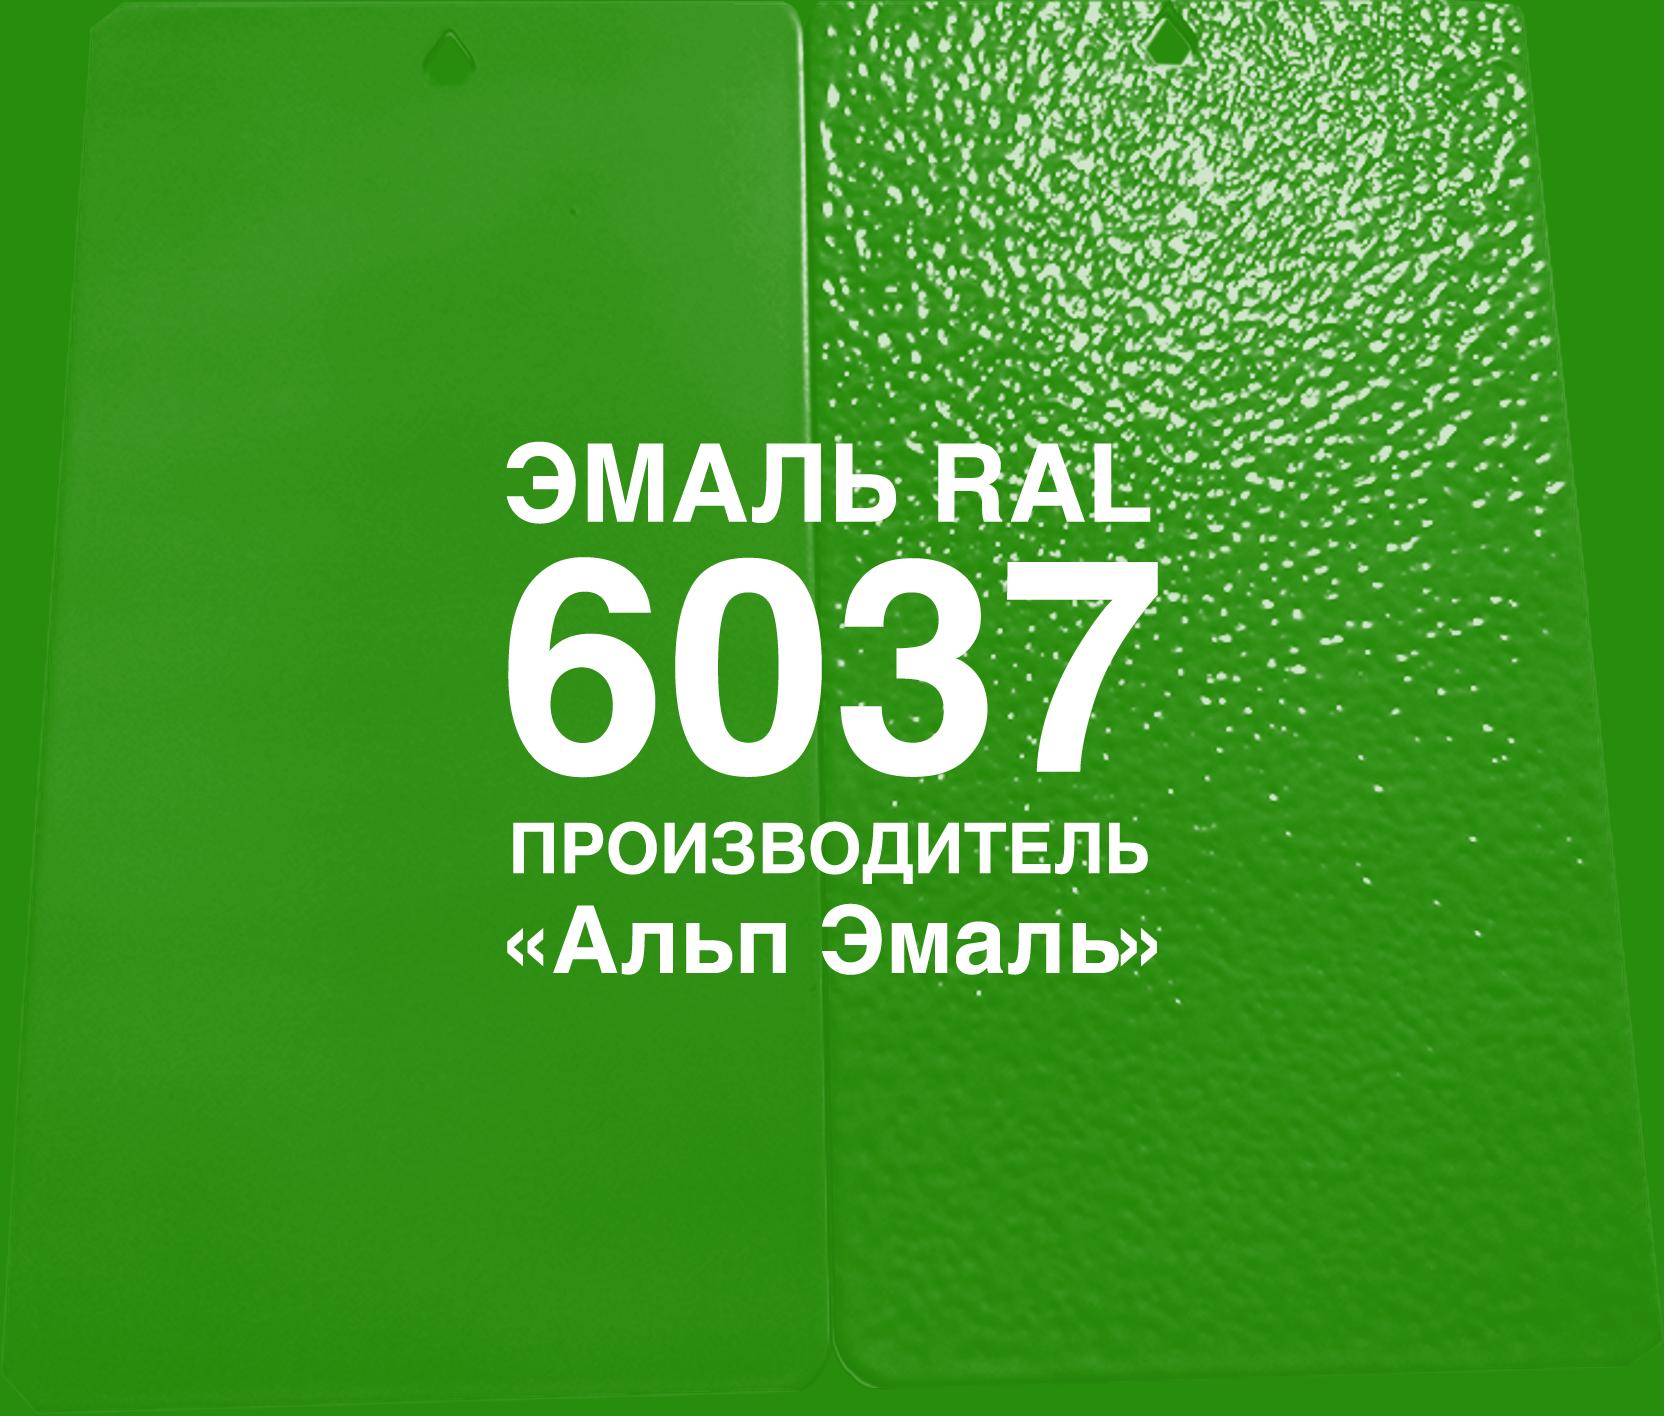 Краска эмаль RAL 6037 зеленая ЗАО Альп Эмаль